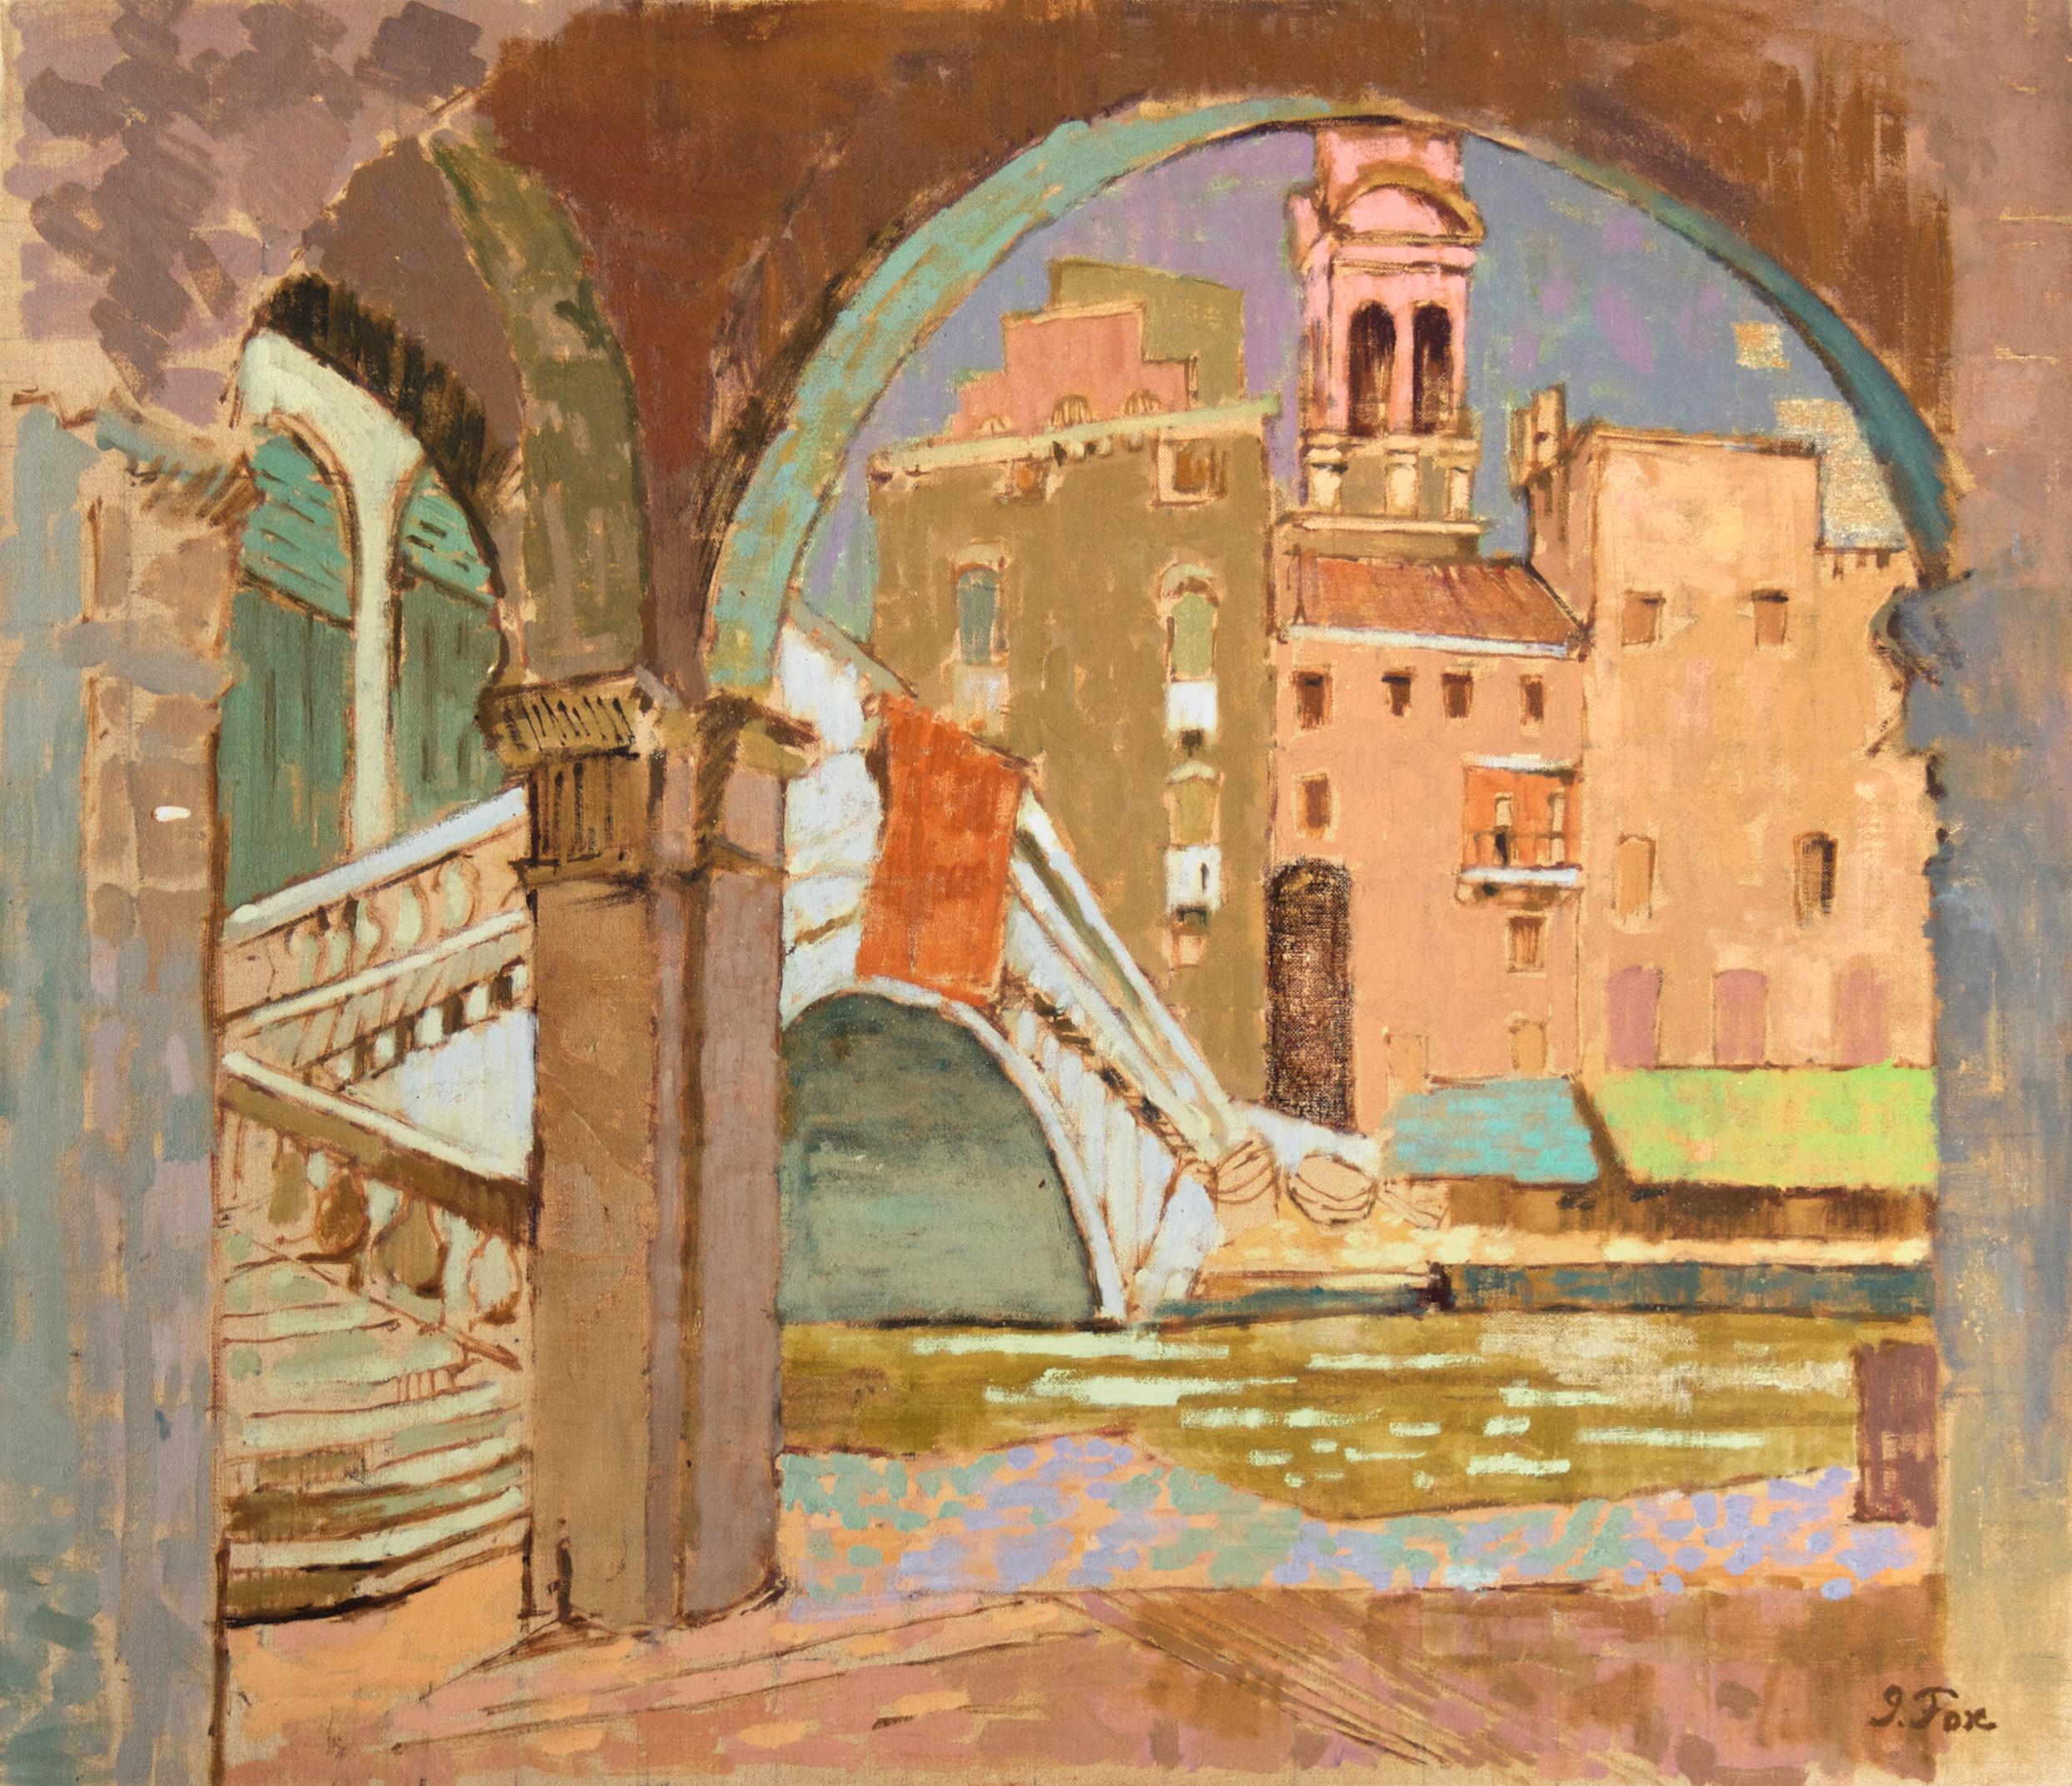 1955_Rialto_Bridge_Venice_oil_on_linen_24x28in_PF305.jpg